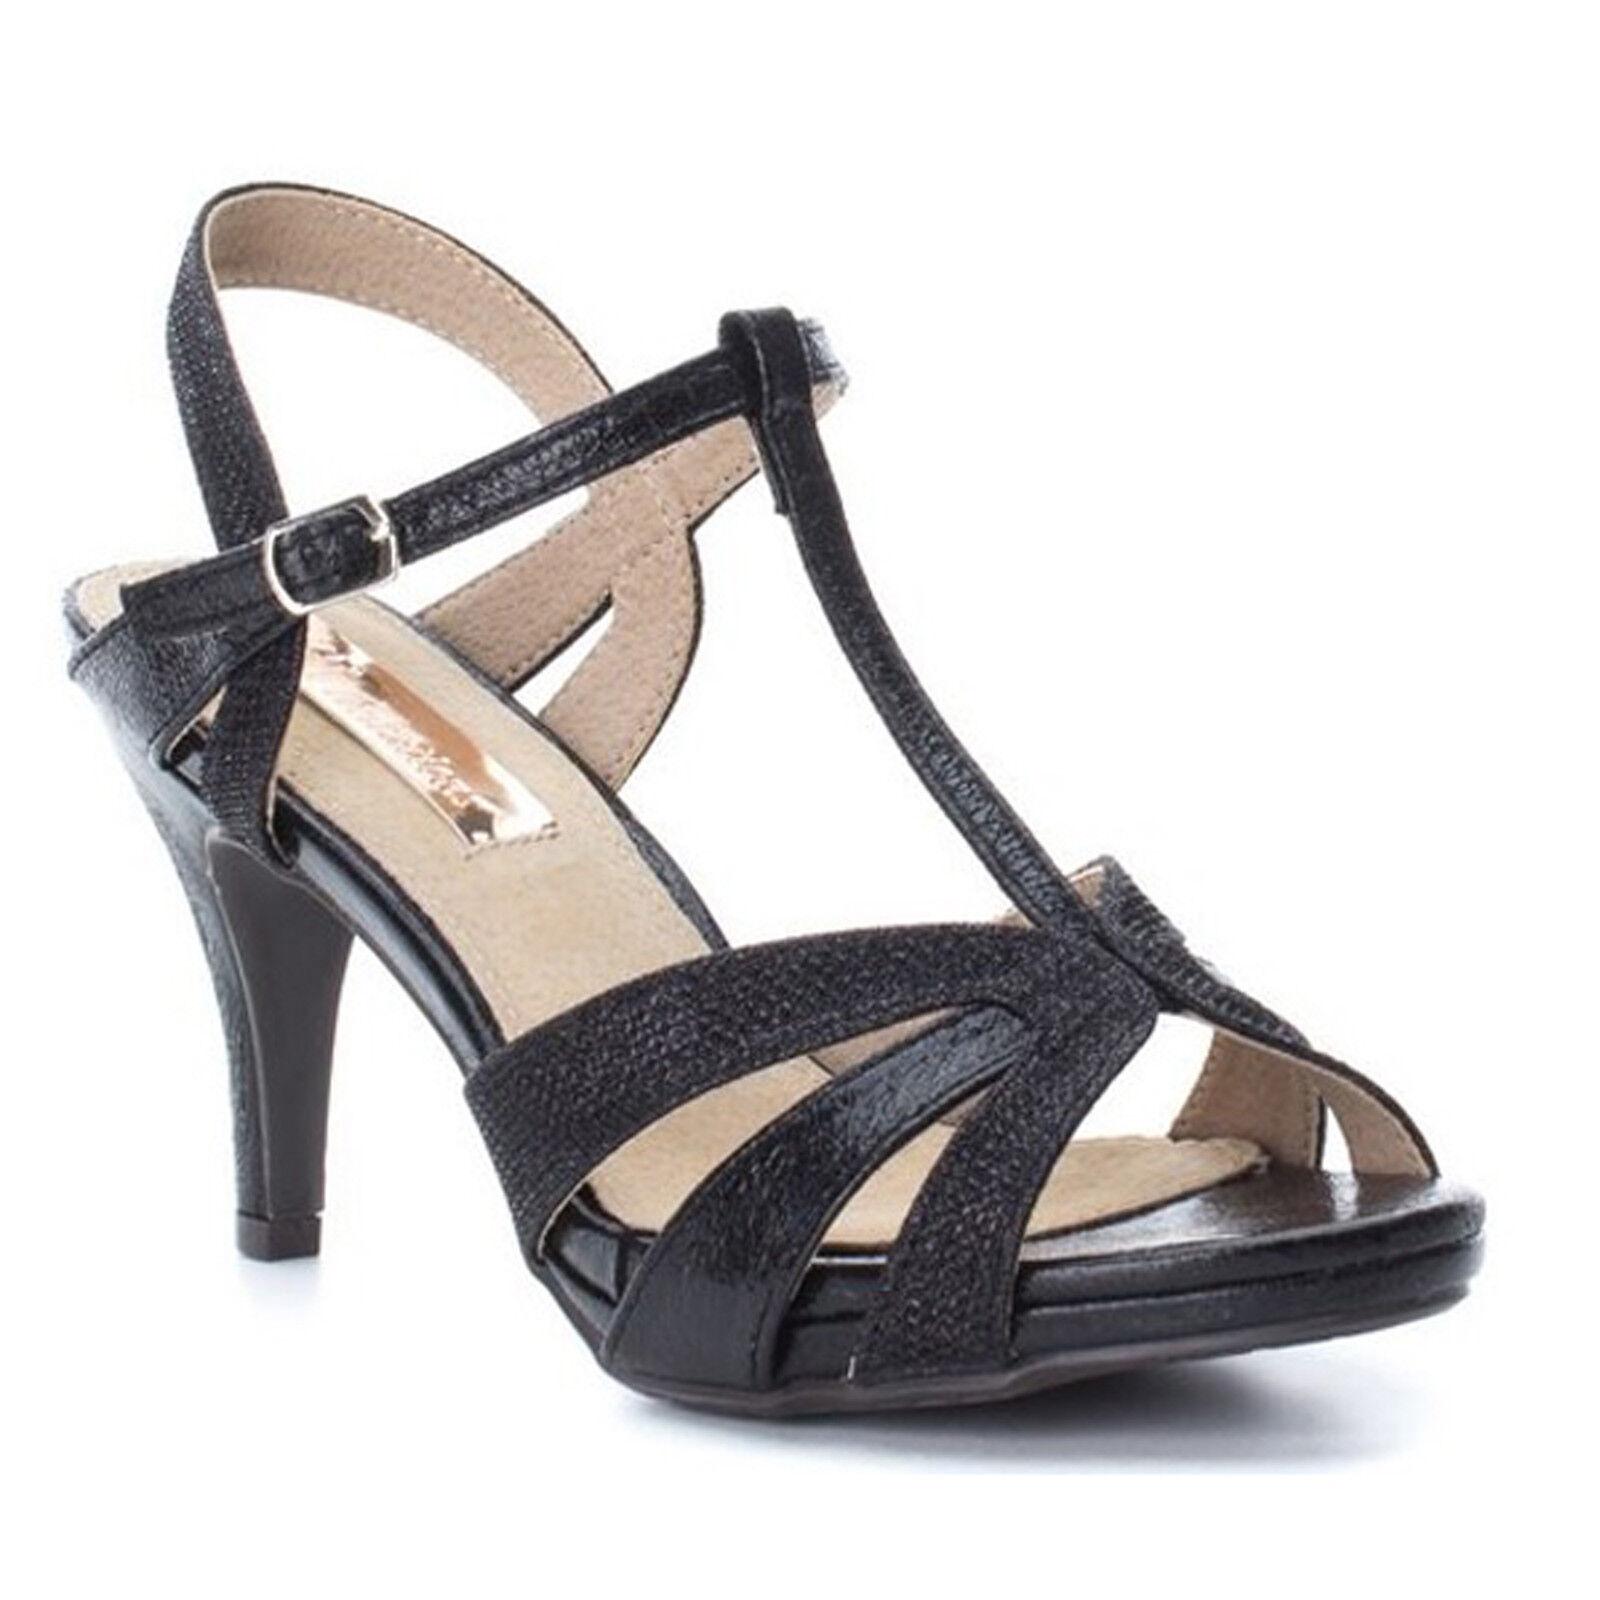 ☼ELEN☼ Sandales à talons Ref: - Xti Tentations - Ref: talons 0902 169b65